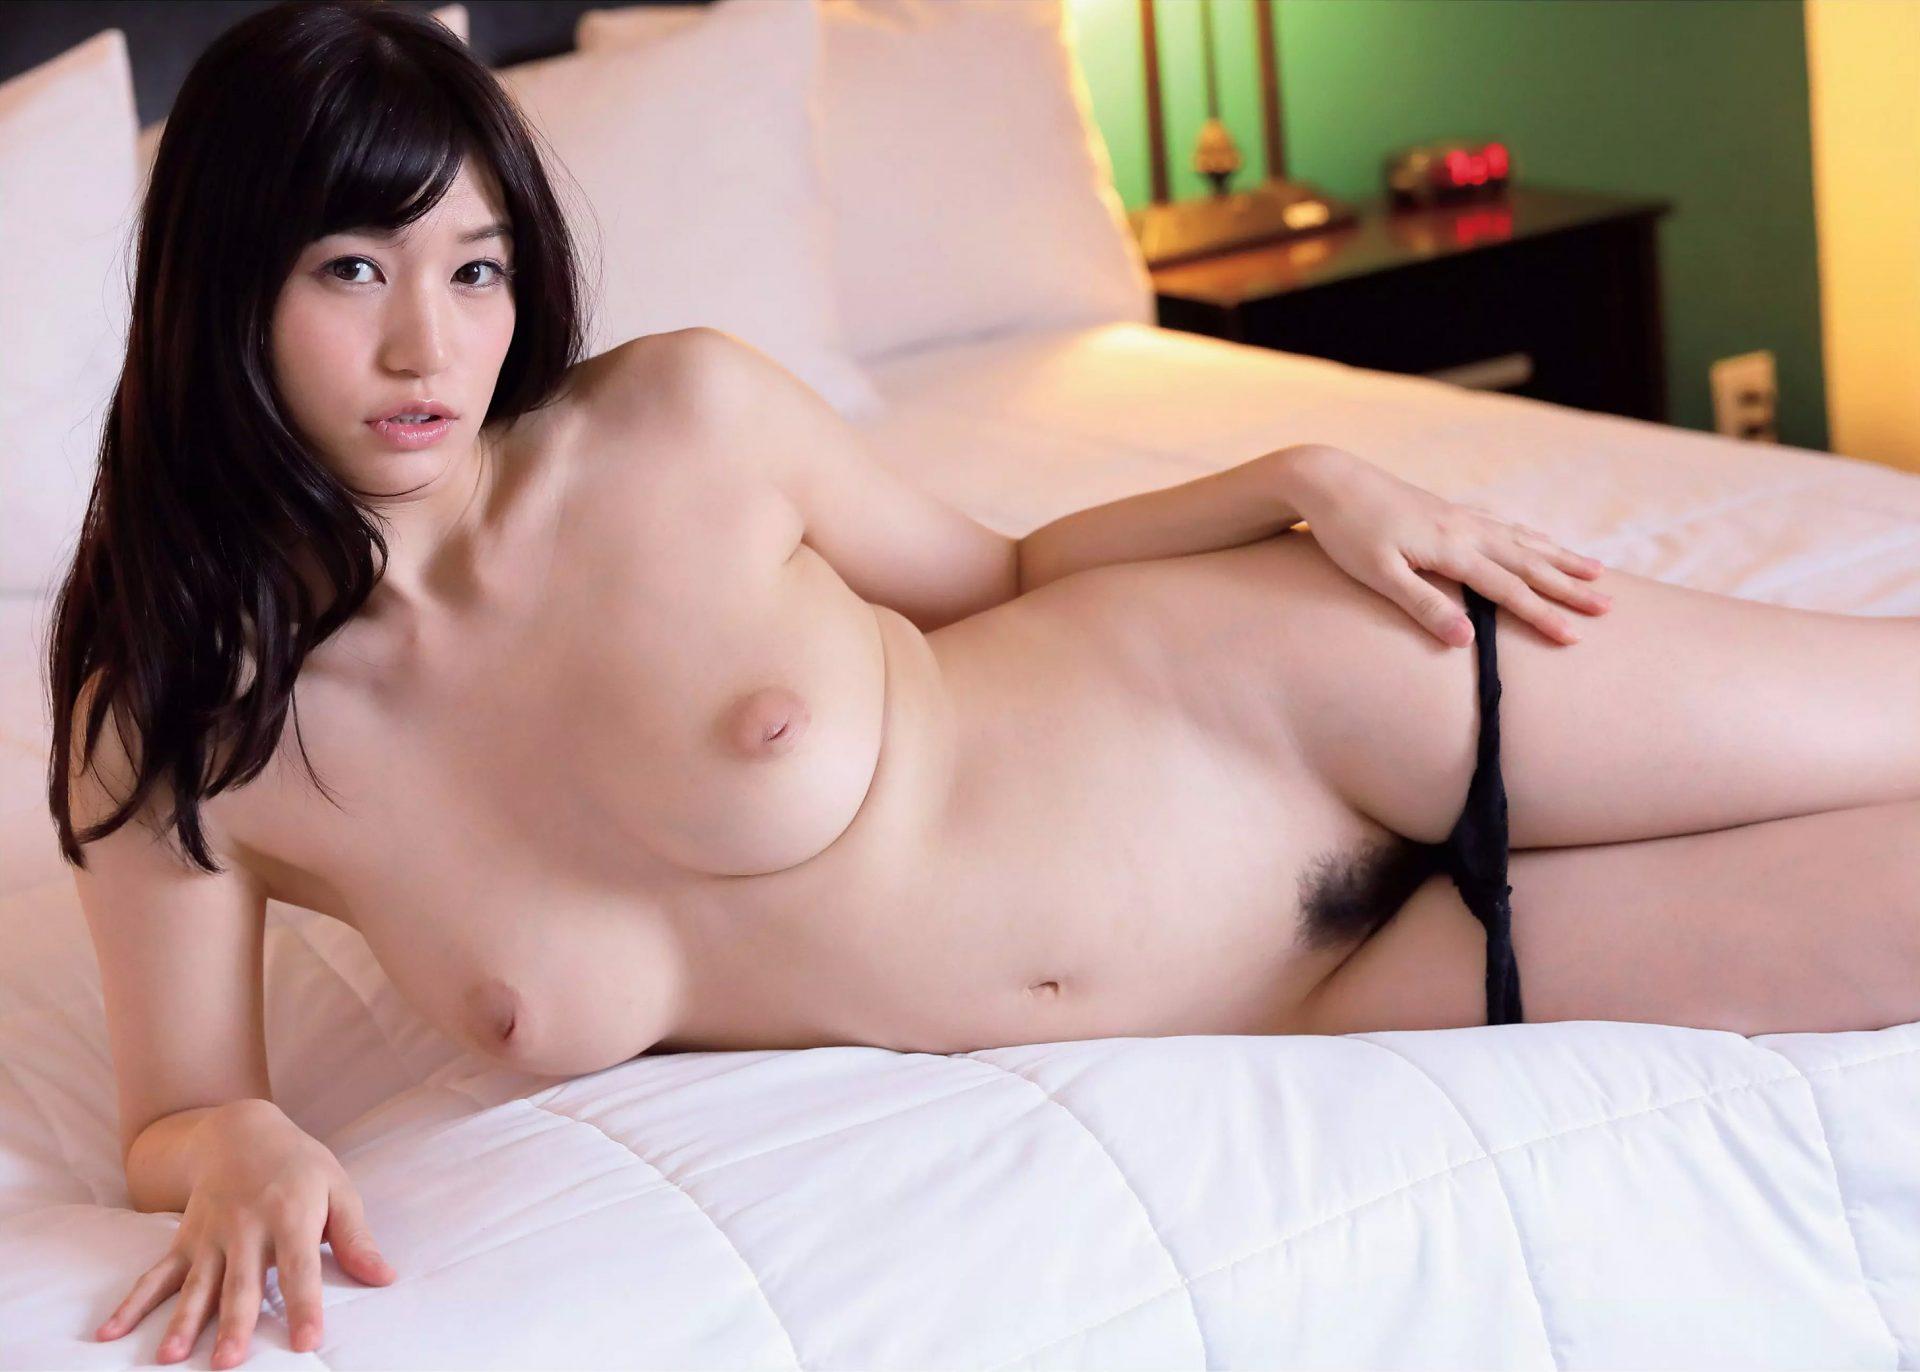 三次元 3次元 エロ画像 AV女優 高橋しょう子 ヌード べっぴん娘通信 23